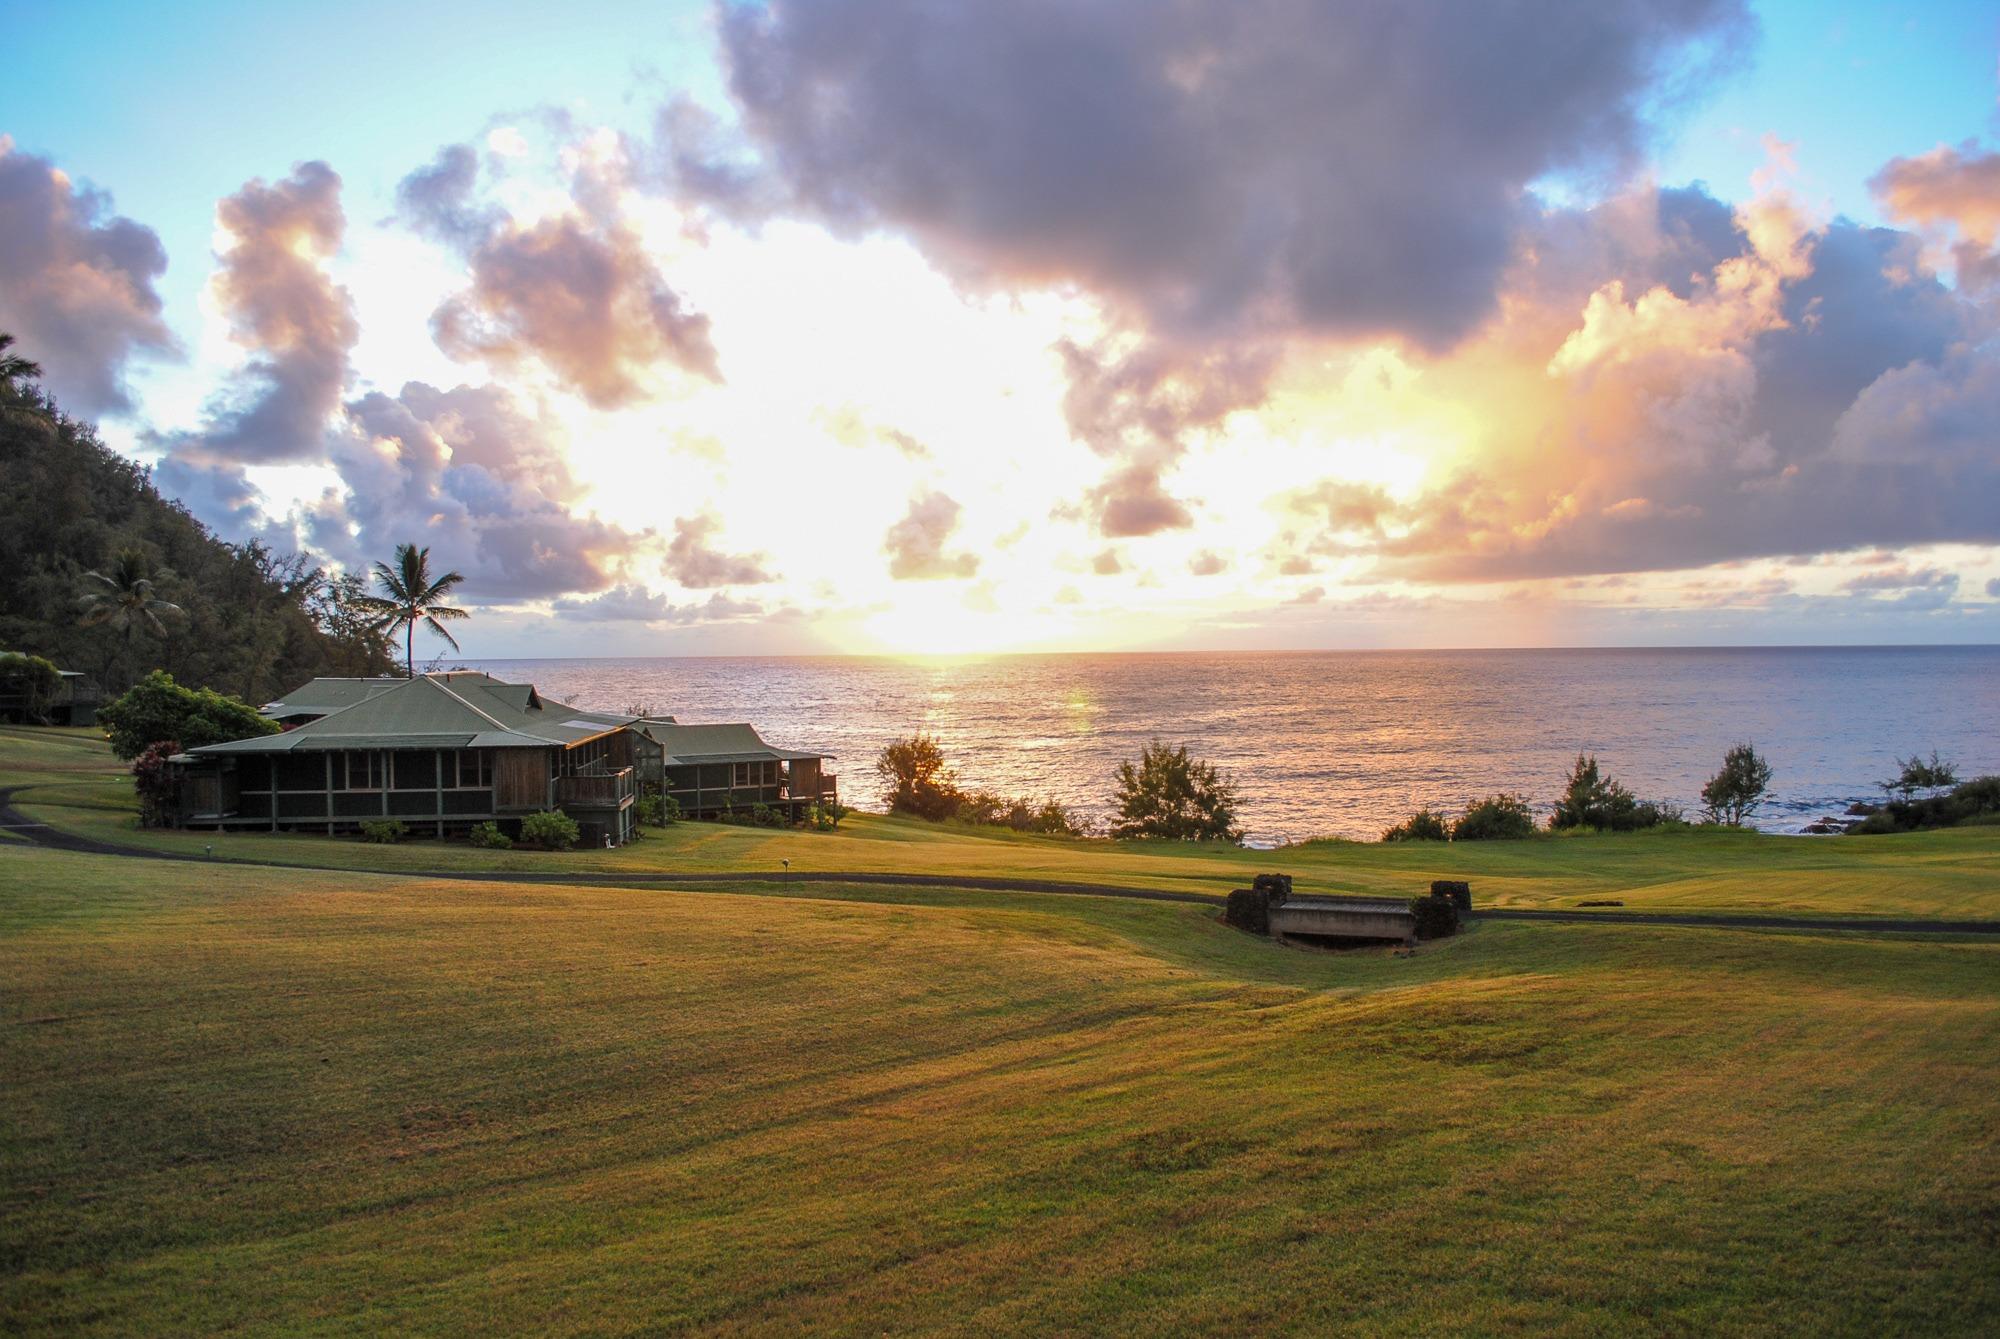 Sunset at Hana Maui Resort in Maui, Hawaii